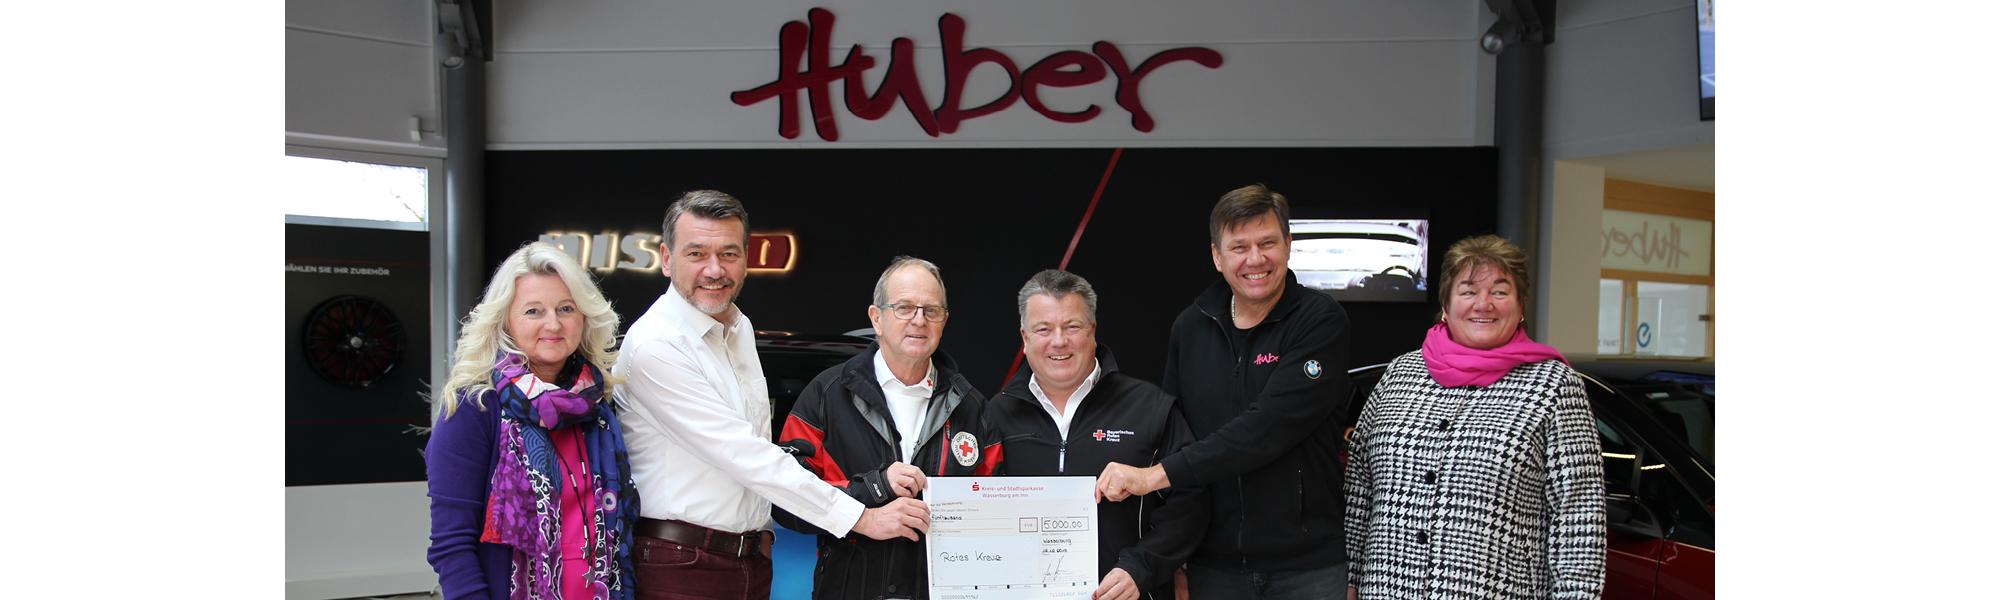 Spende Für Brk Autohaus Huber